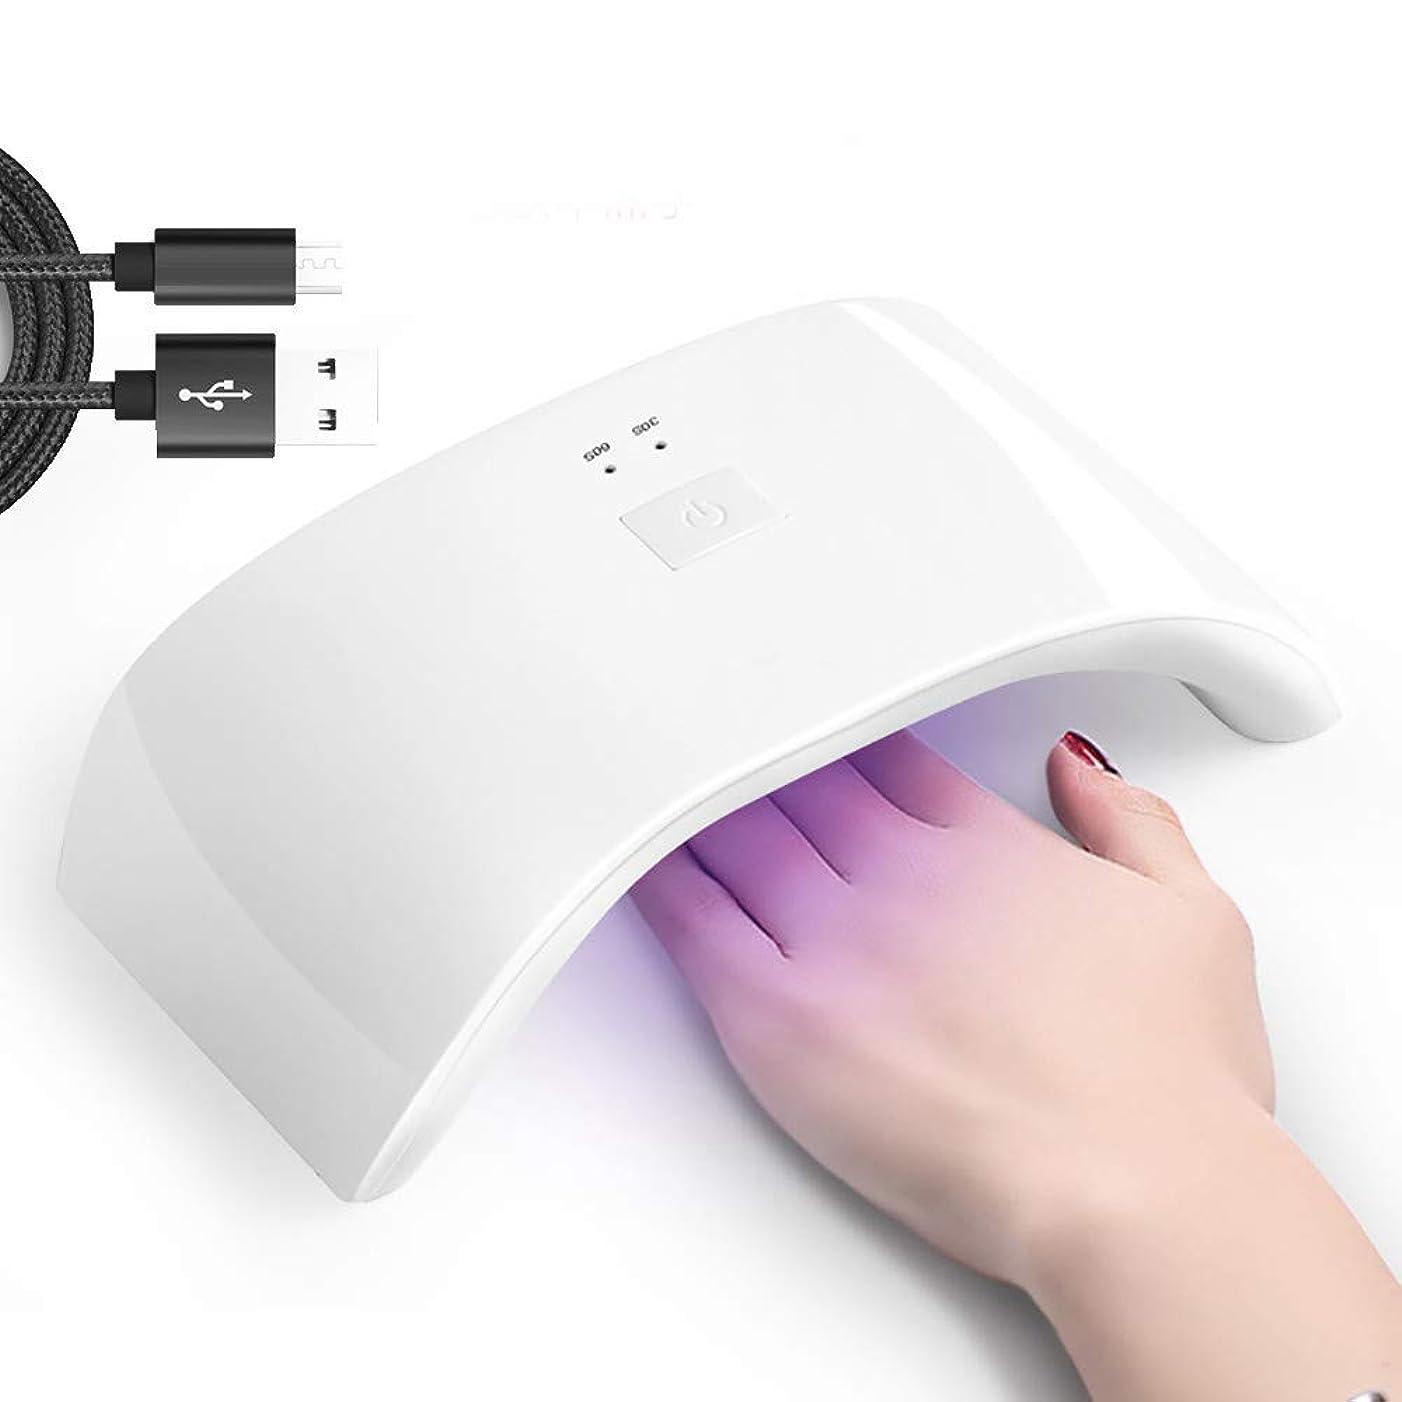 沼地診断する決定するネイルドライヤープロ 36W UV ポータブル LED ネイルランプ自動赤外線センサー LED ライトジェルドライヤーマニキュアデュアル光源